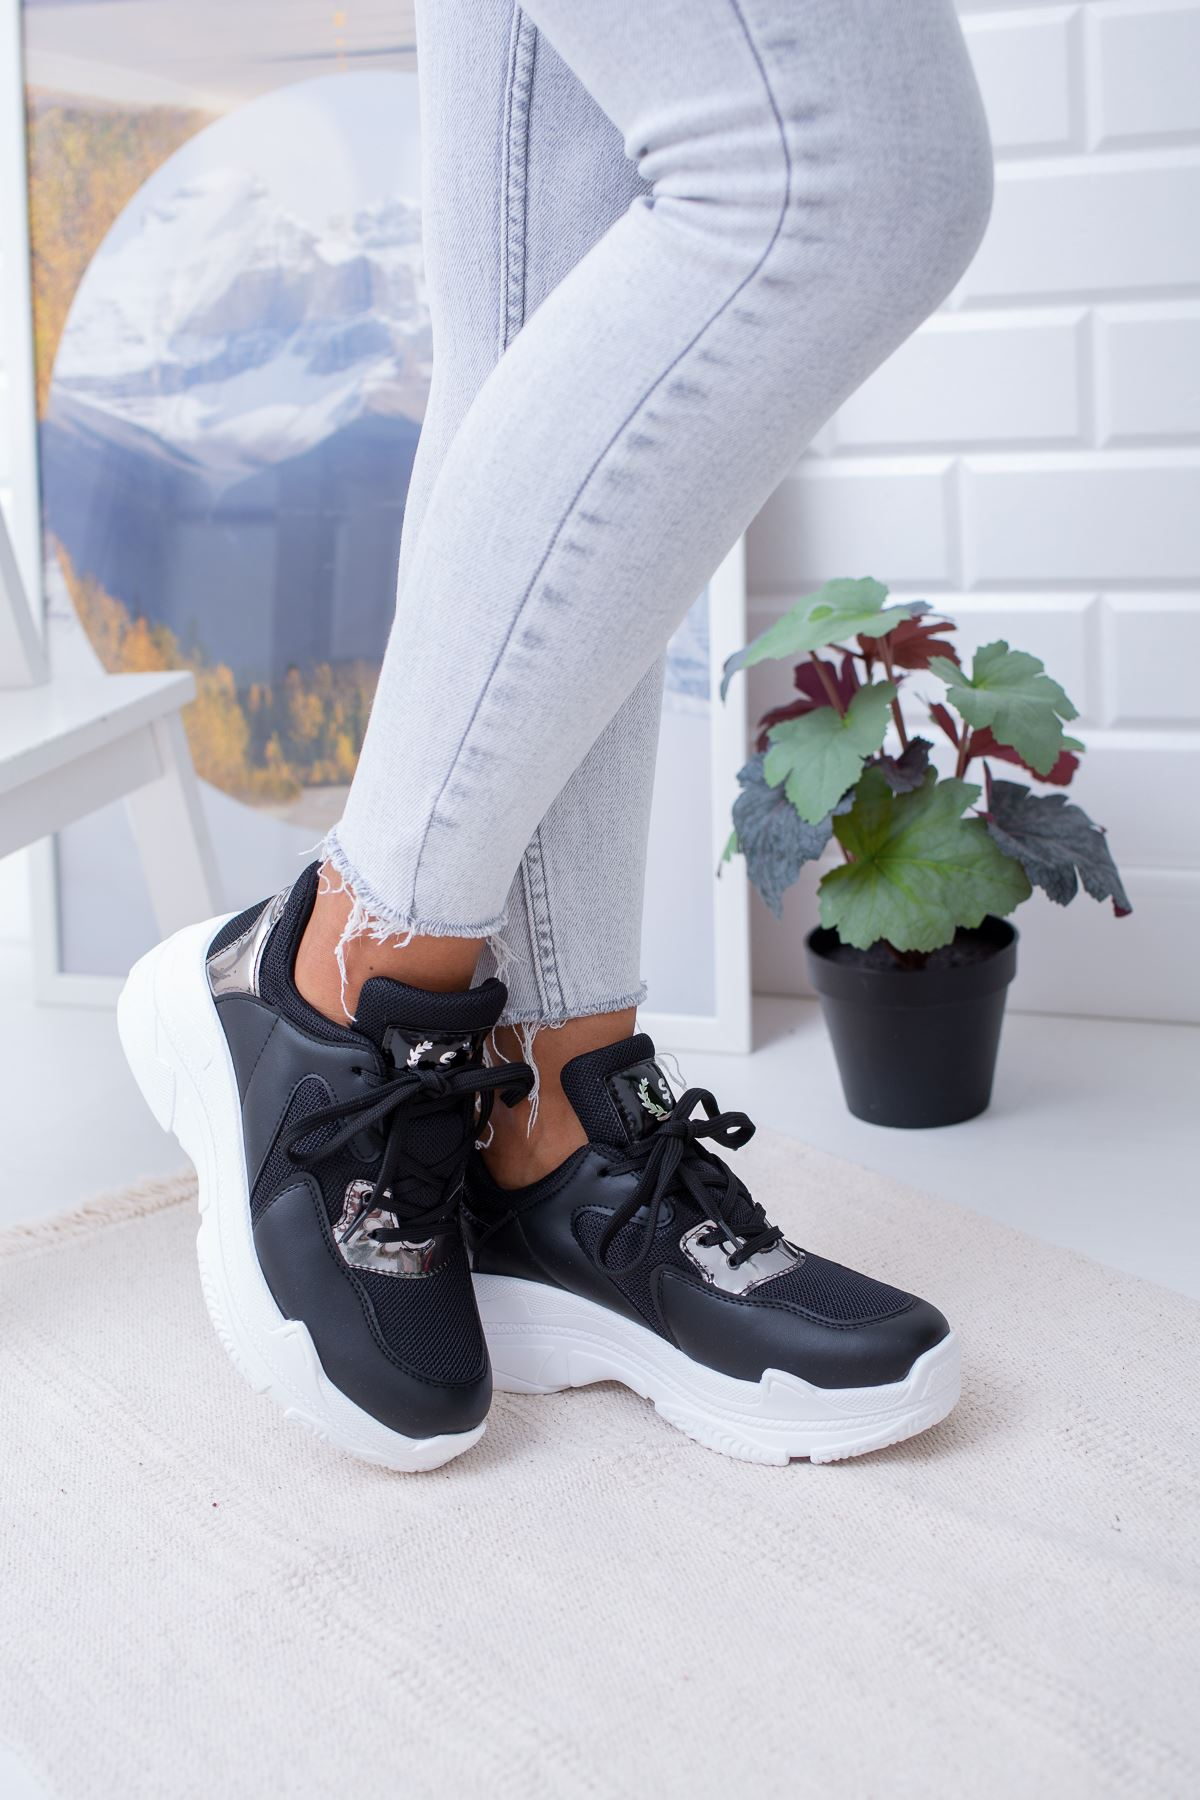 Loic Siyah Spor Ayakkabı